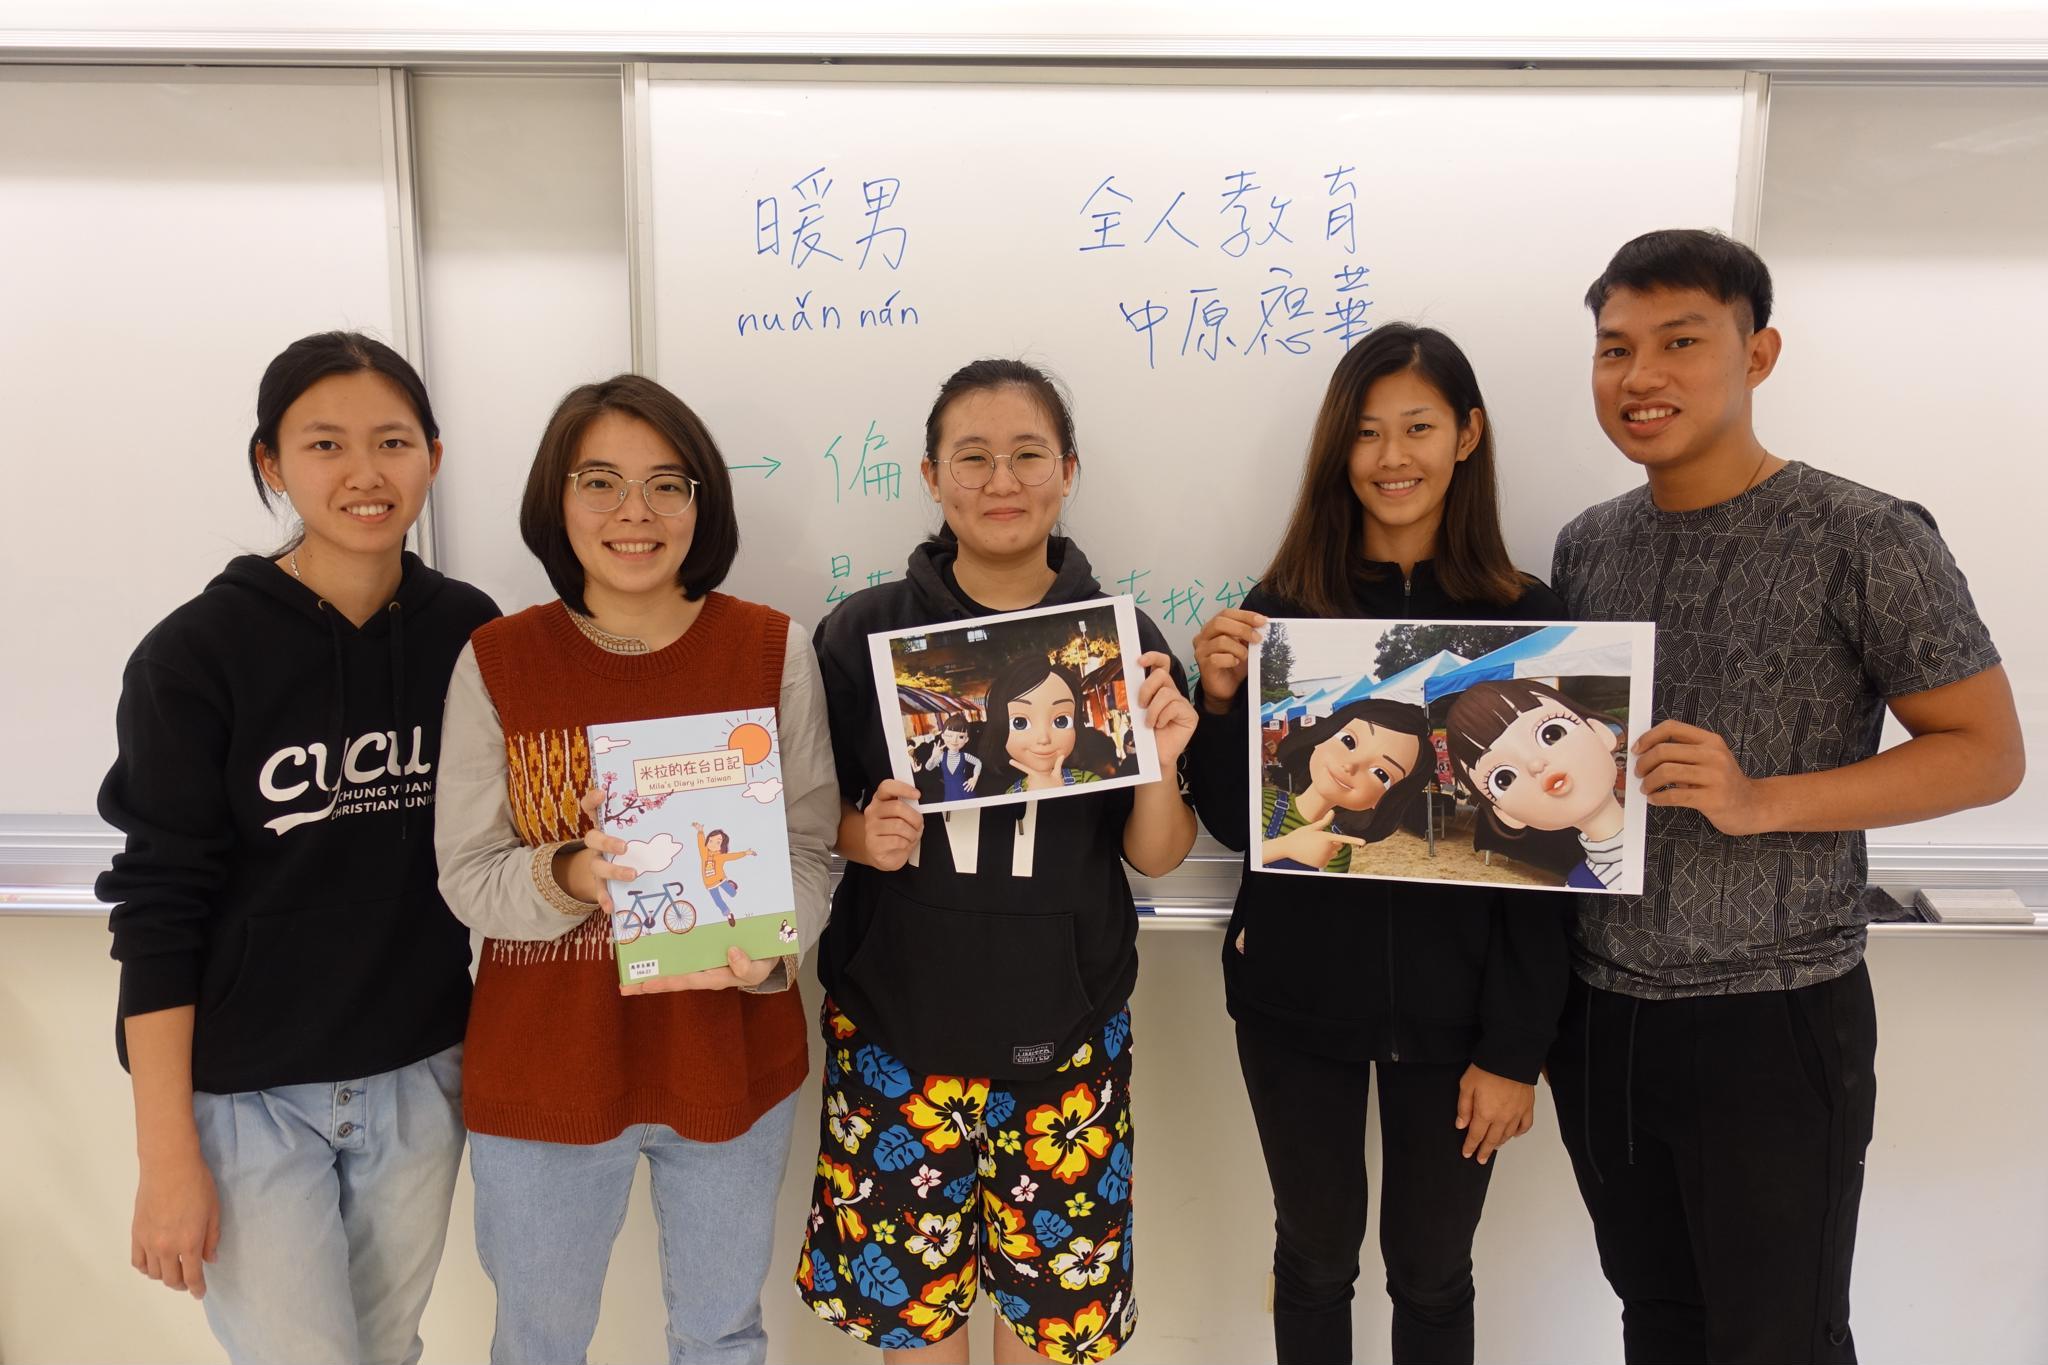 中原應華系學生發展創意教材 推廣華語到全世界